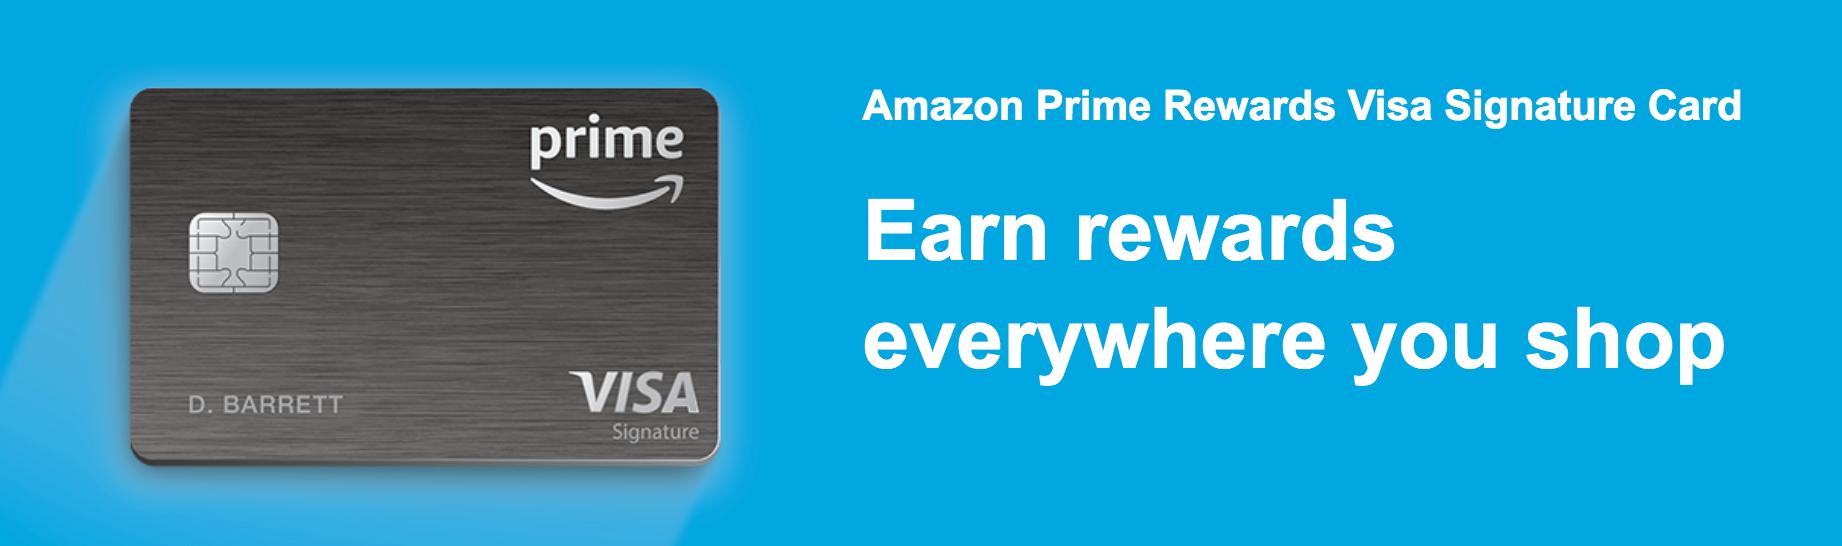 Amazon Visa Rewards Signature Card